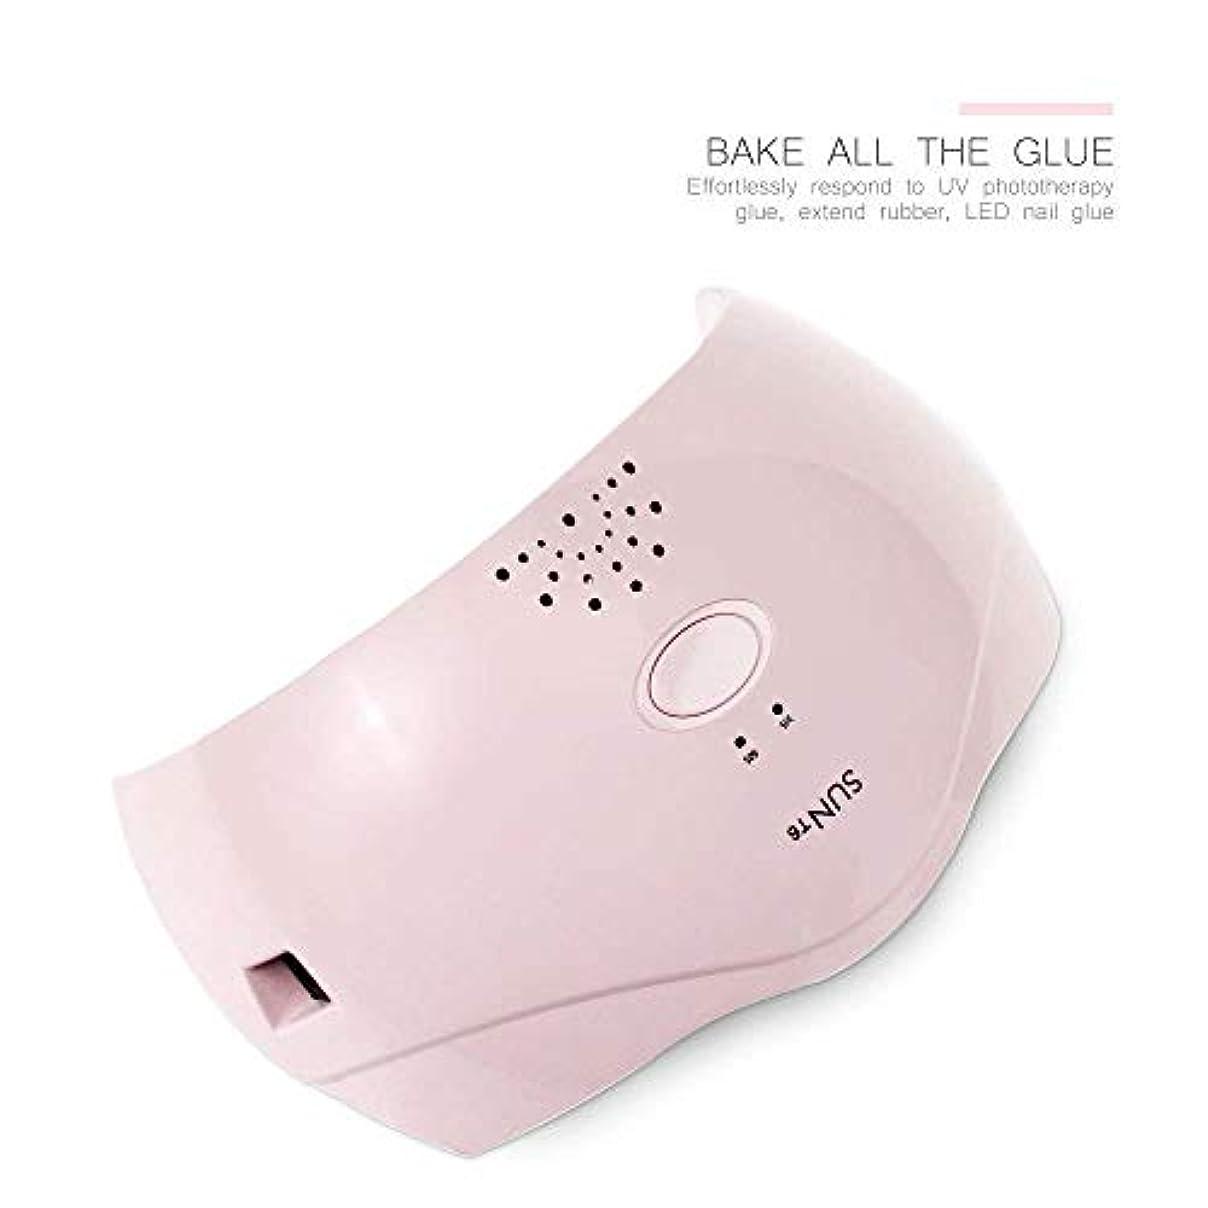 代わりのサーキュレーション教養があるネイルマシン24ワットスマートネイル光線療法機デュアル光源2スピードタイマークイック乾燥、ピンク (Color : Pink)